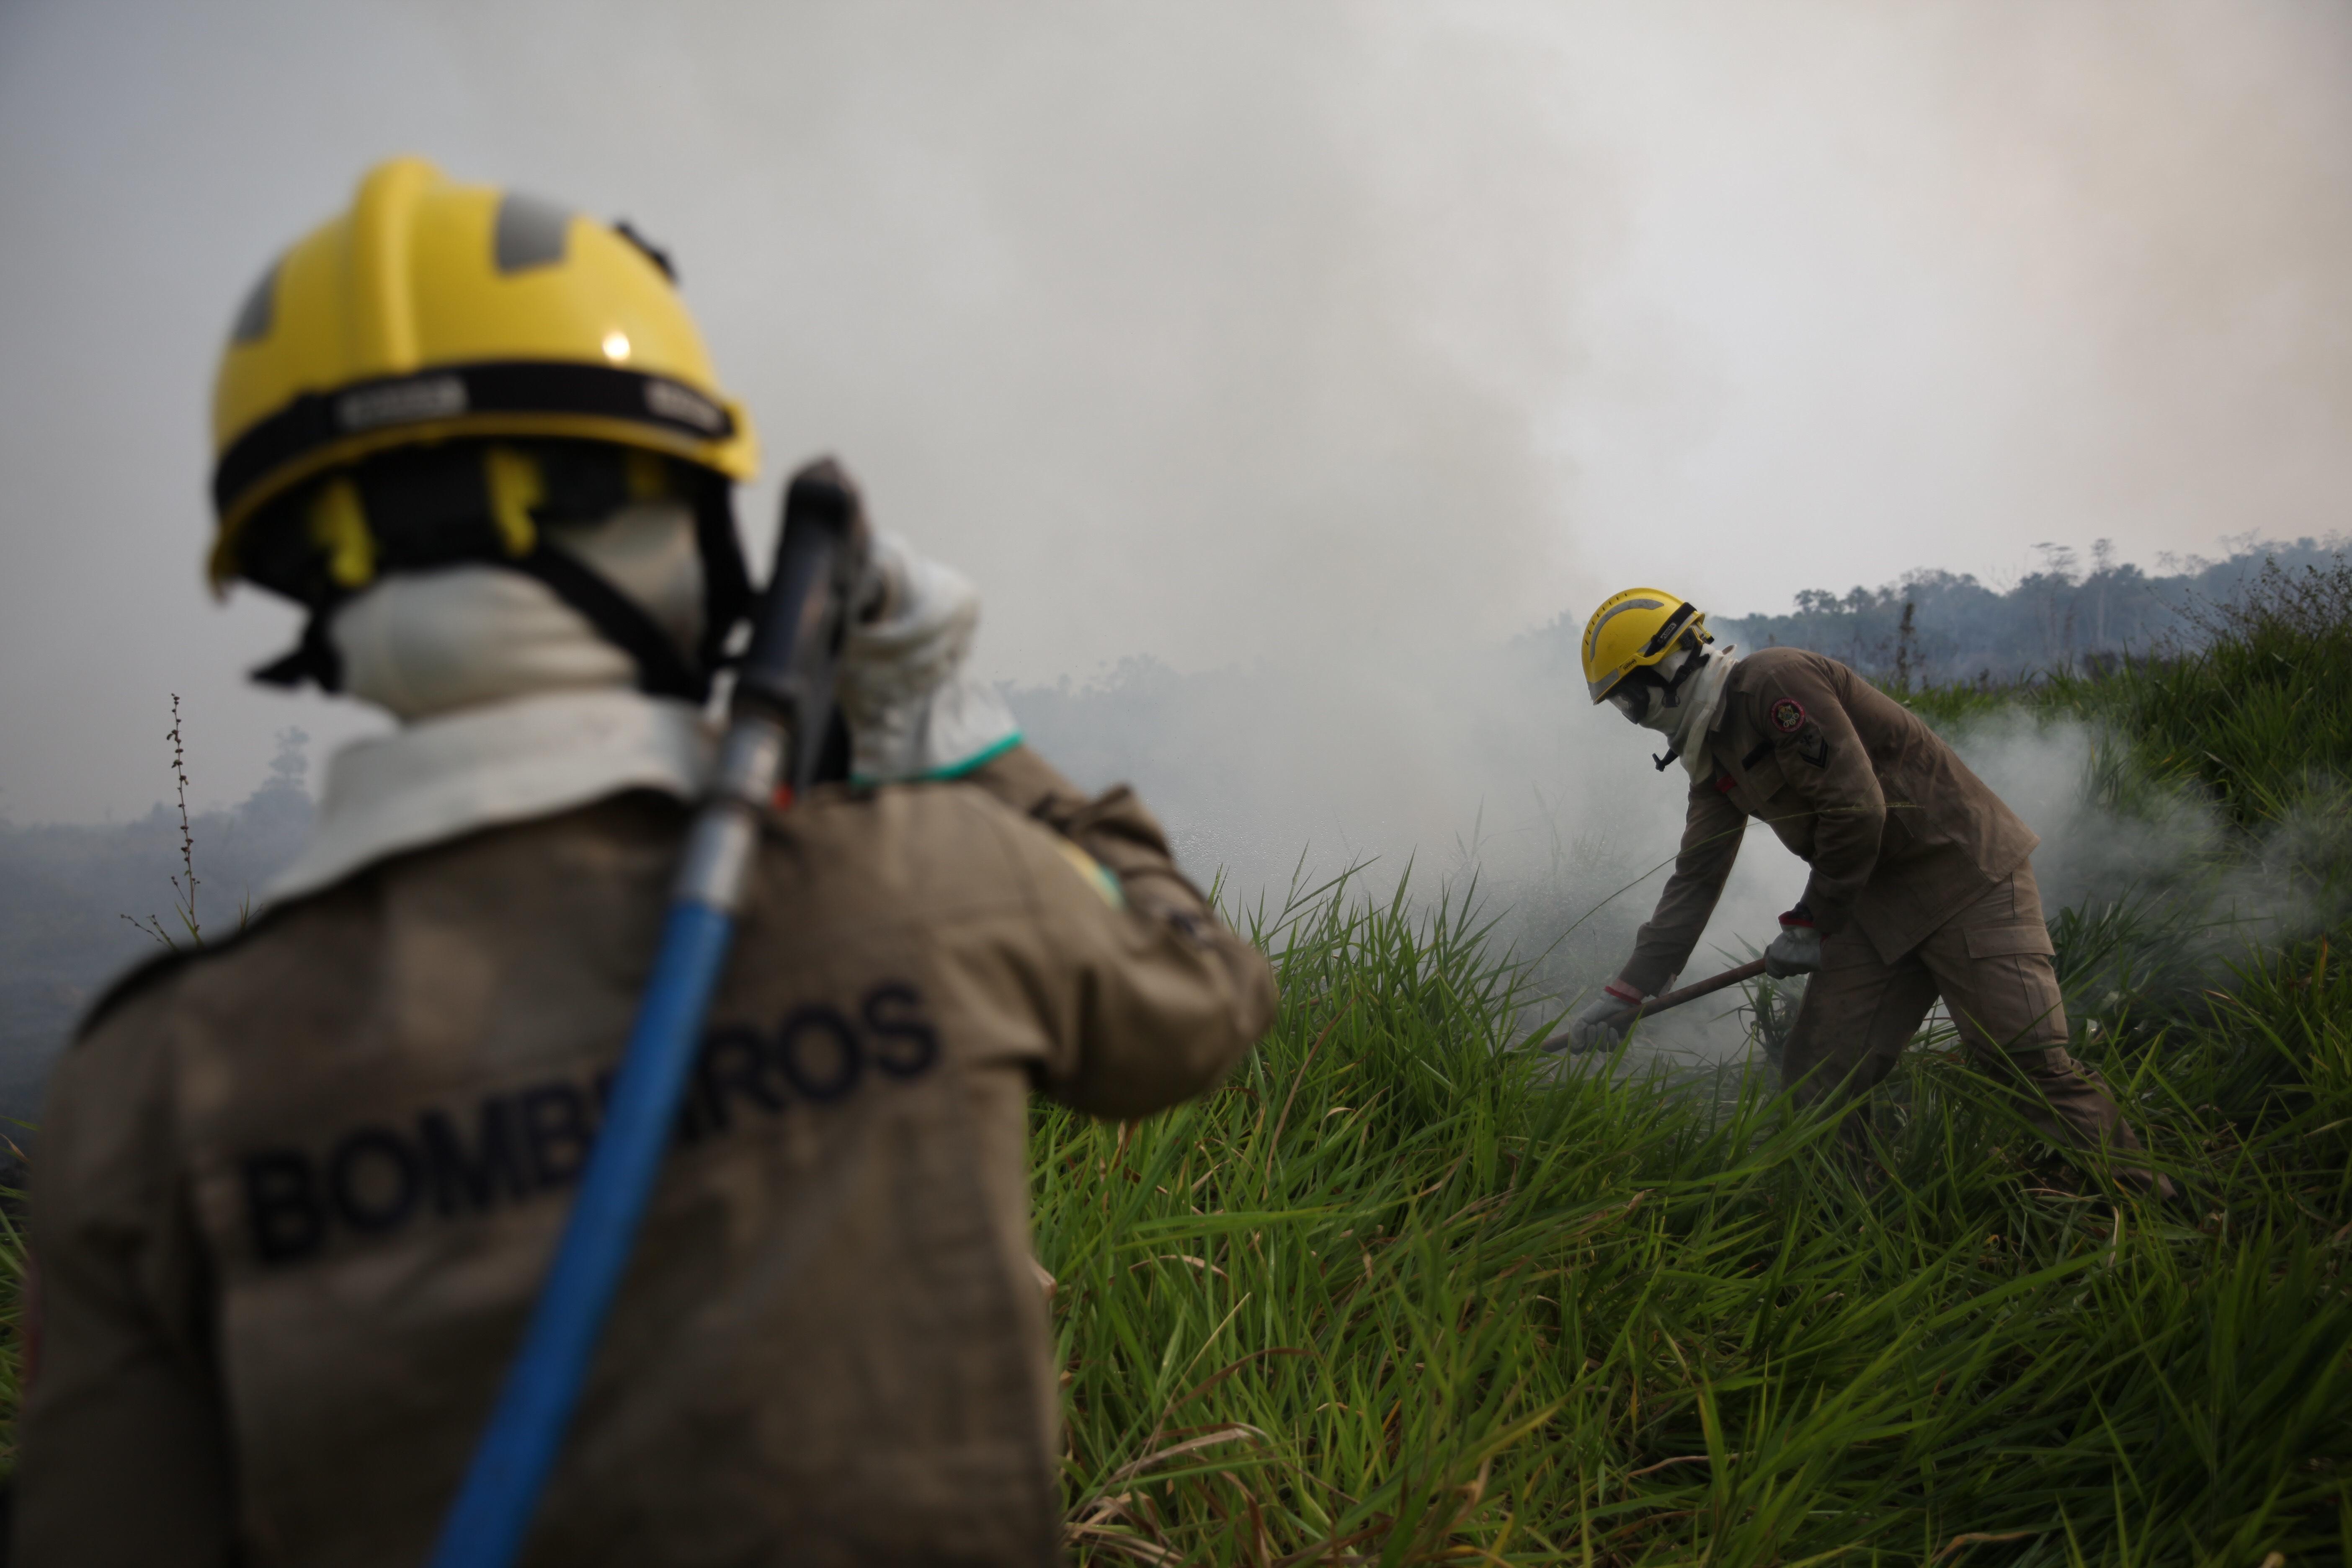 Gladson Cameli participa de intercâmbio em indústria de combate a incêndio na Europa